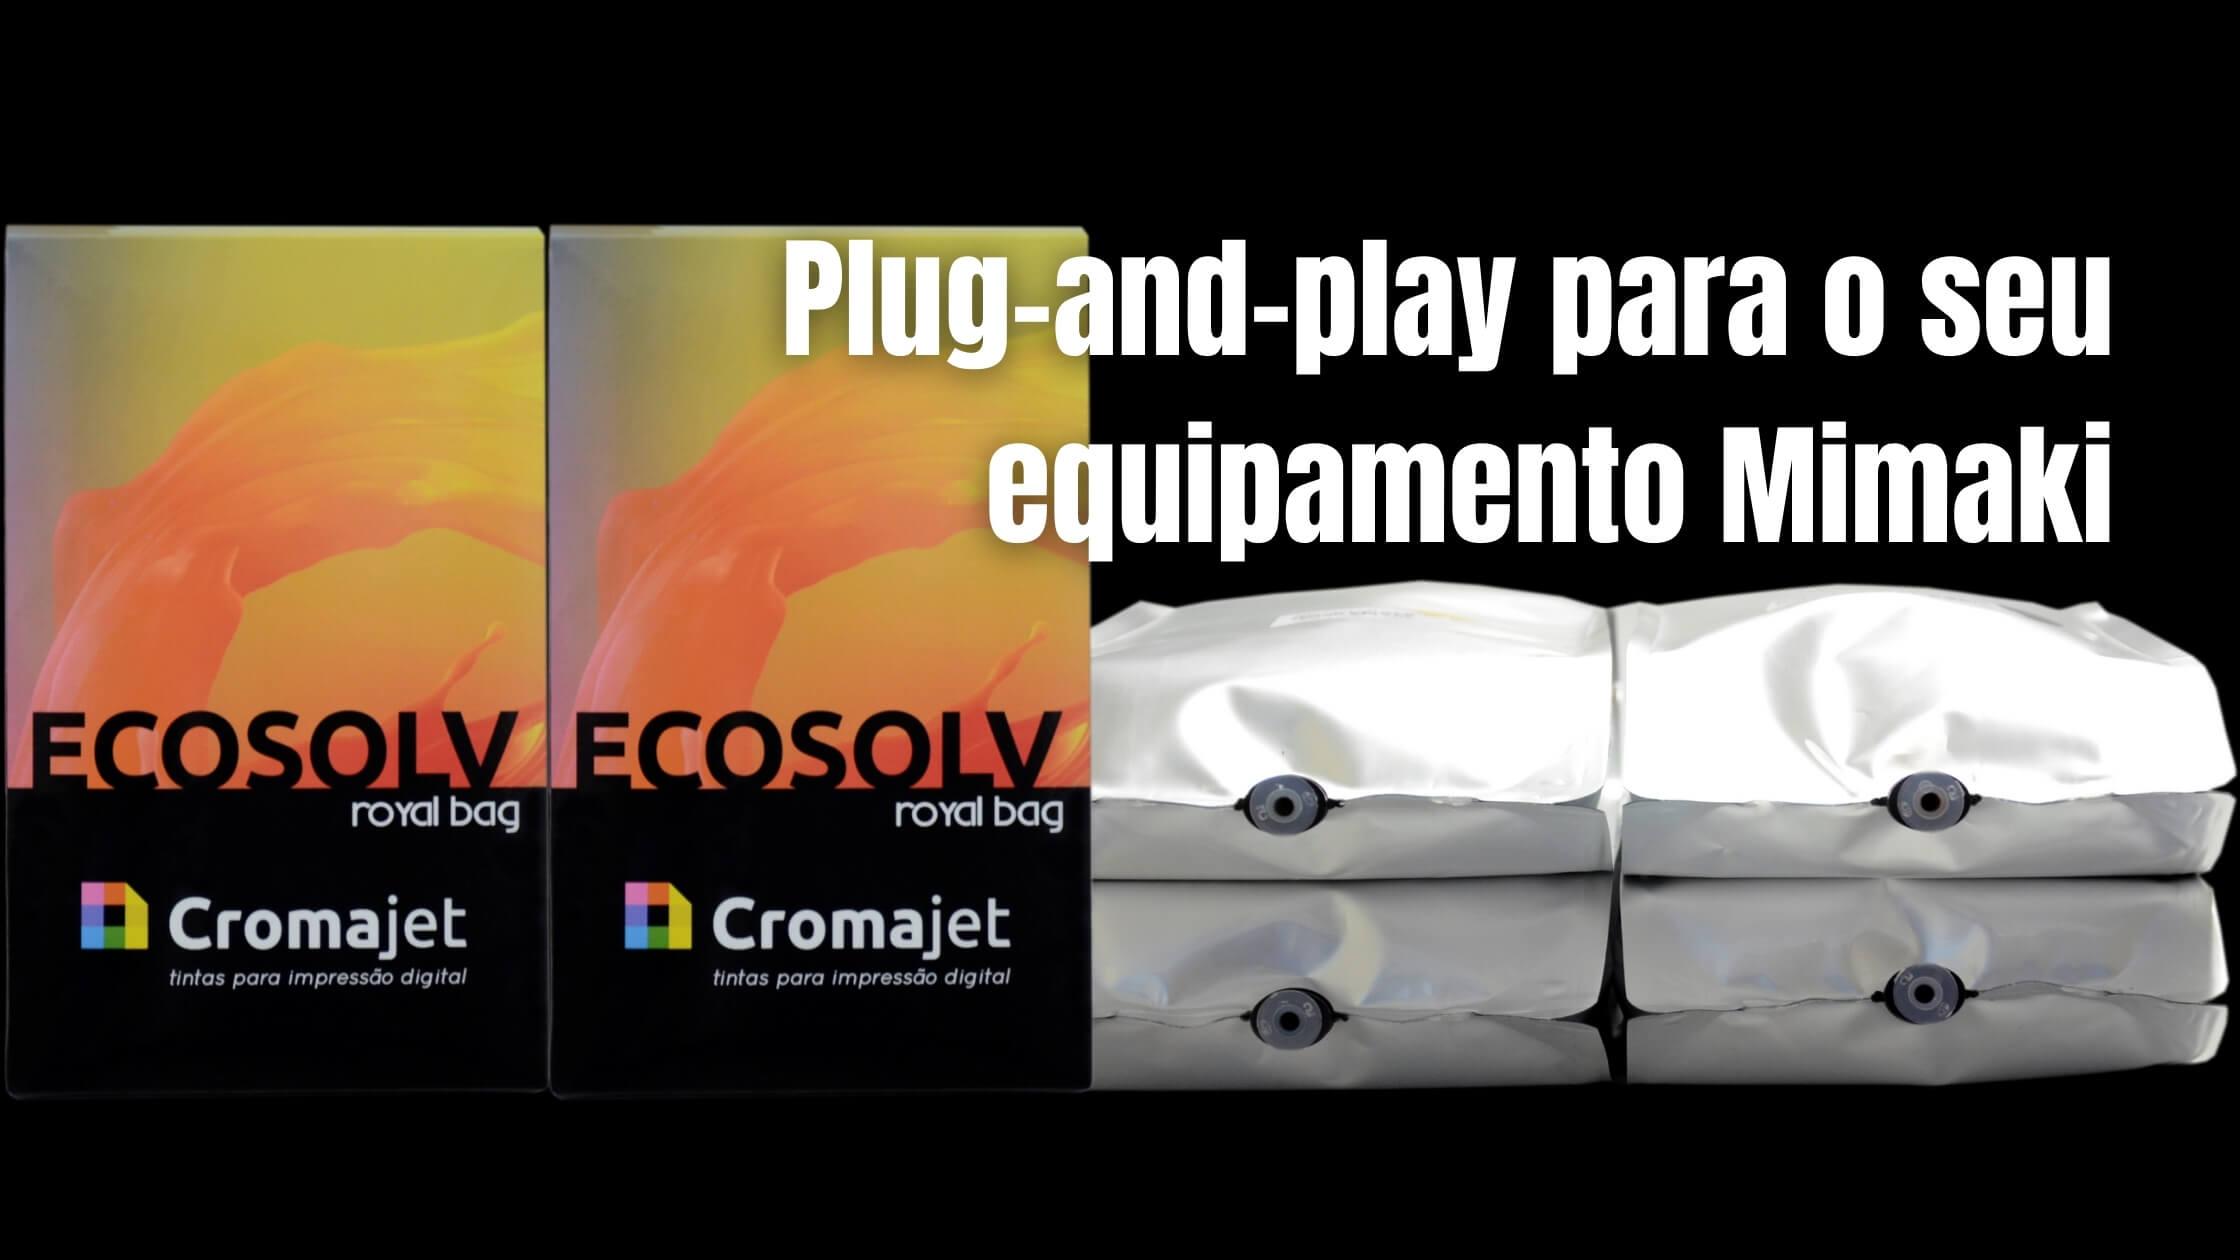 Fuga Colagem Blog Banner 1 - Plug-and-play para o seu equipamento Mimaki